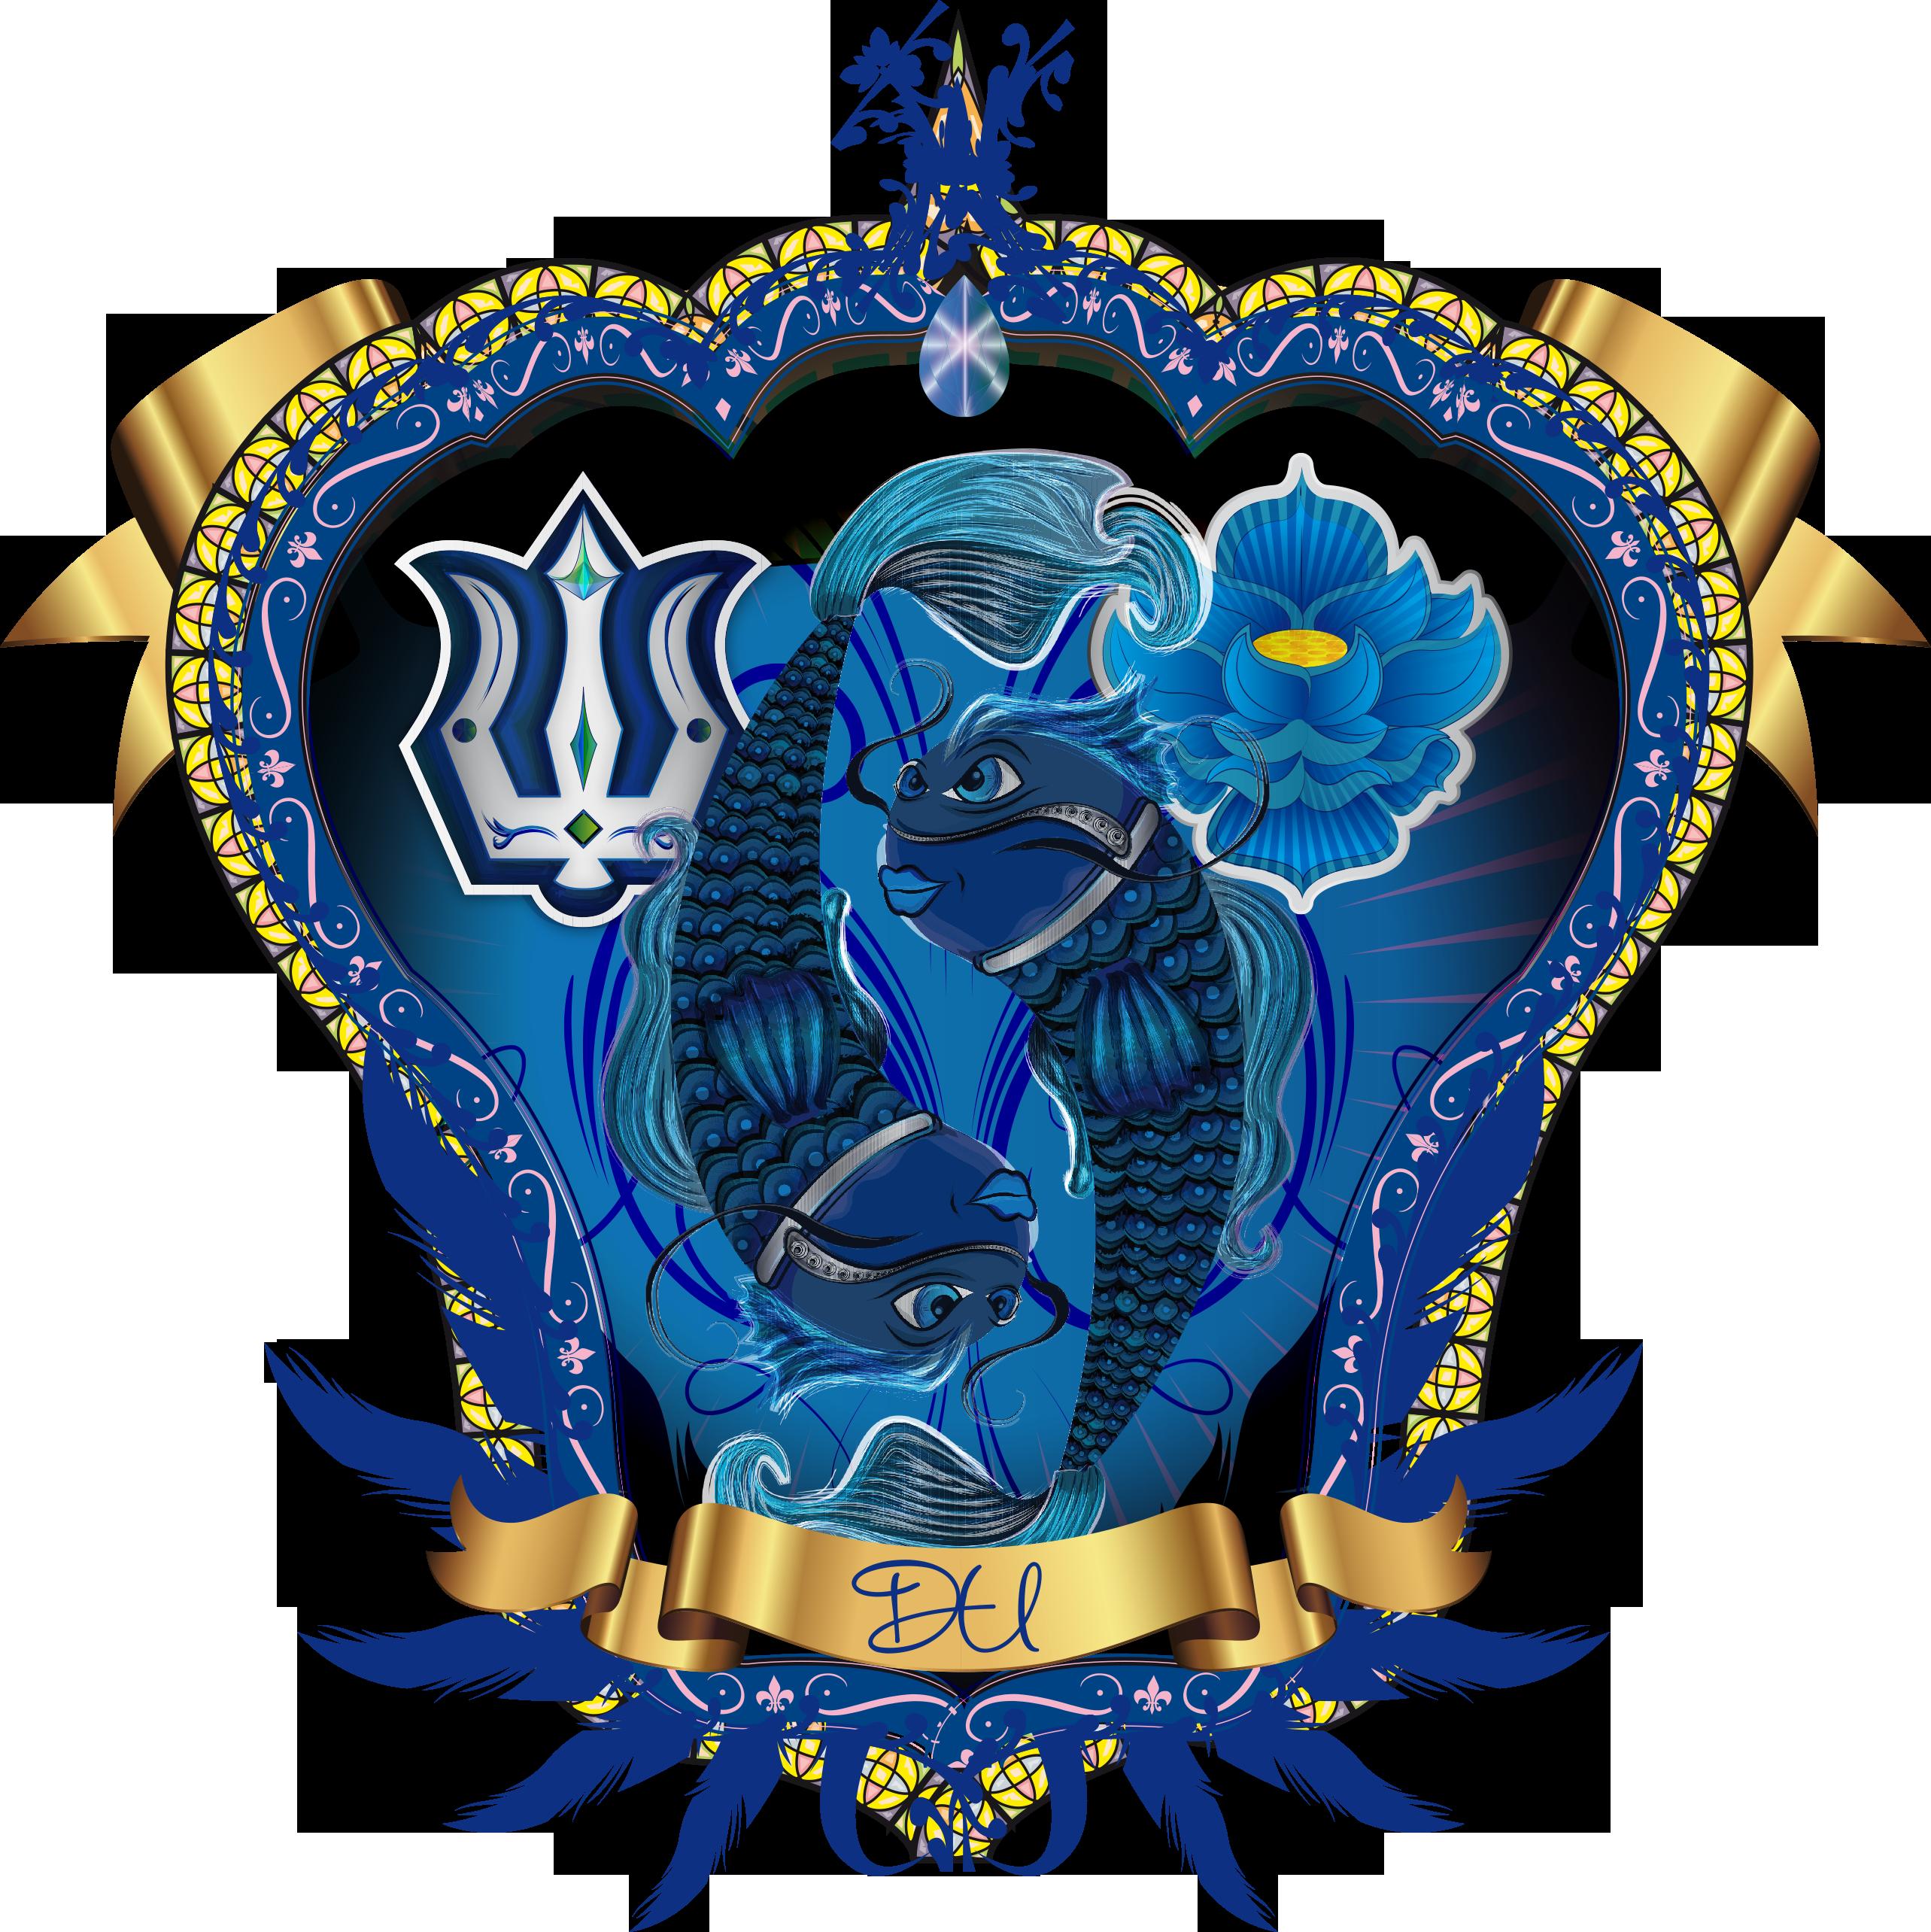 Escudo de Piscis